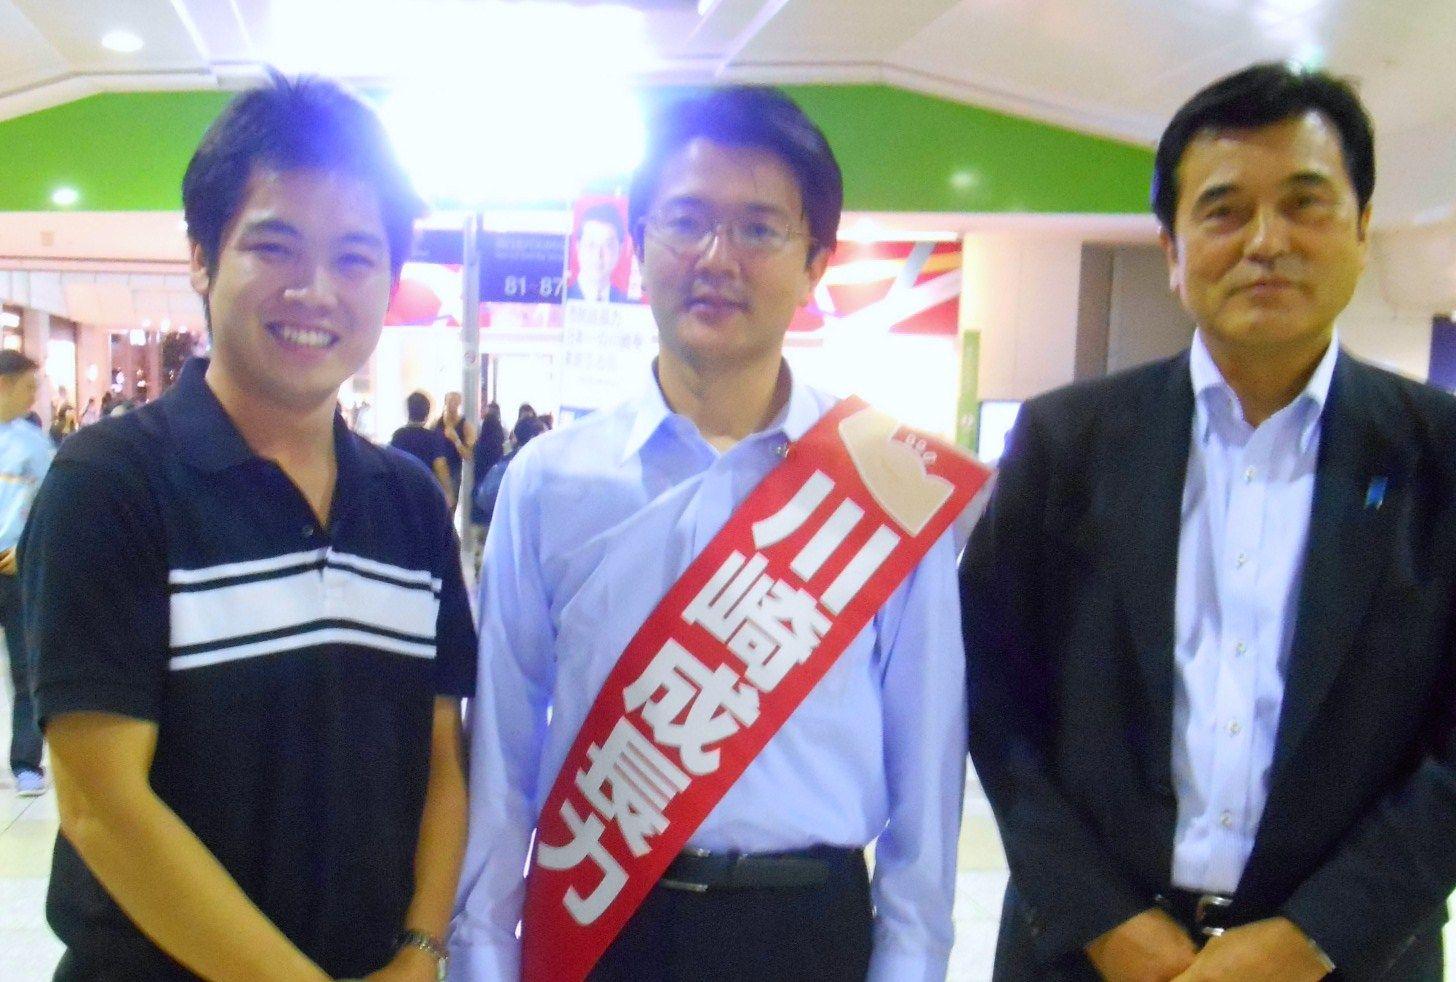 左から私・ひでしま善雄候補予定者・城島光力前財務大臣前衆議院議員と共に。... こうづま 和弘@